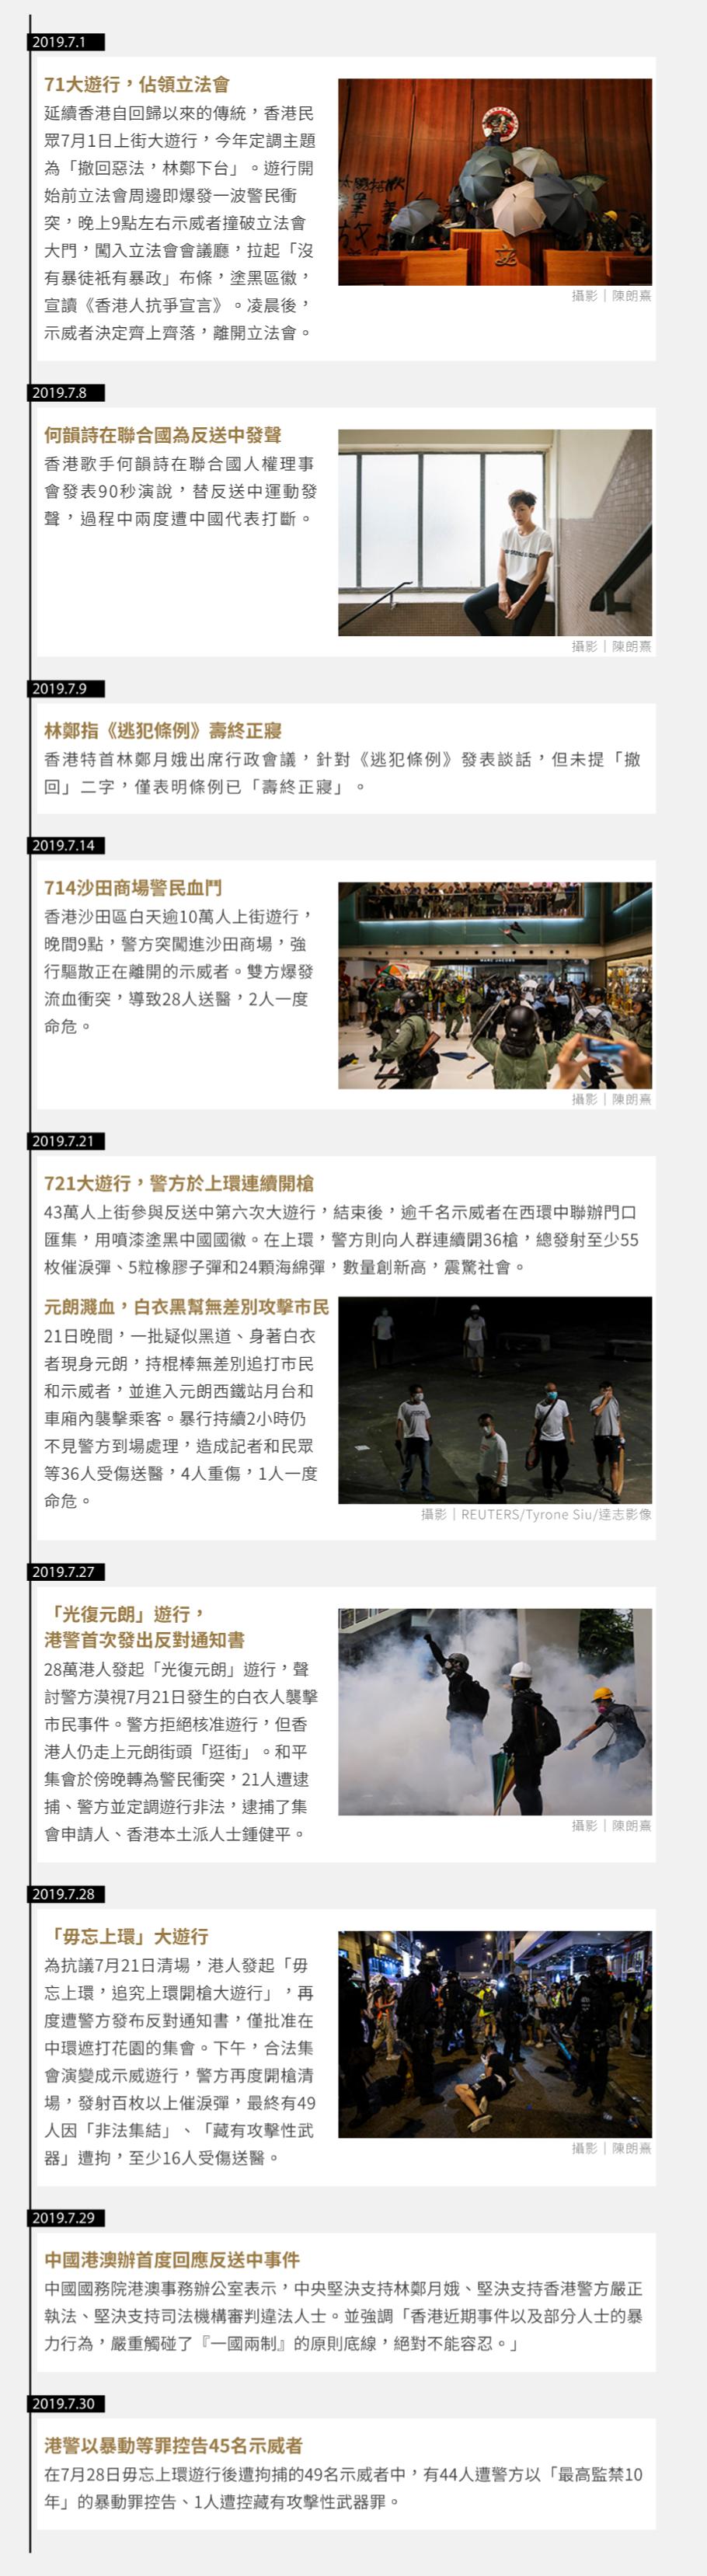 7月:警民衝突加劇,元朗事件成爭議焦點